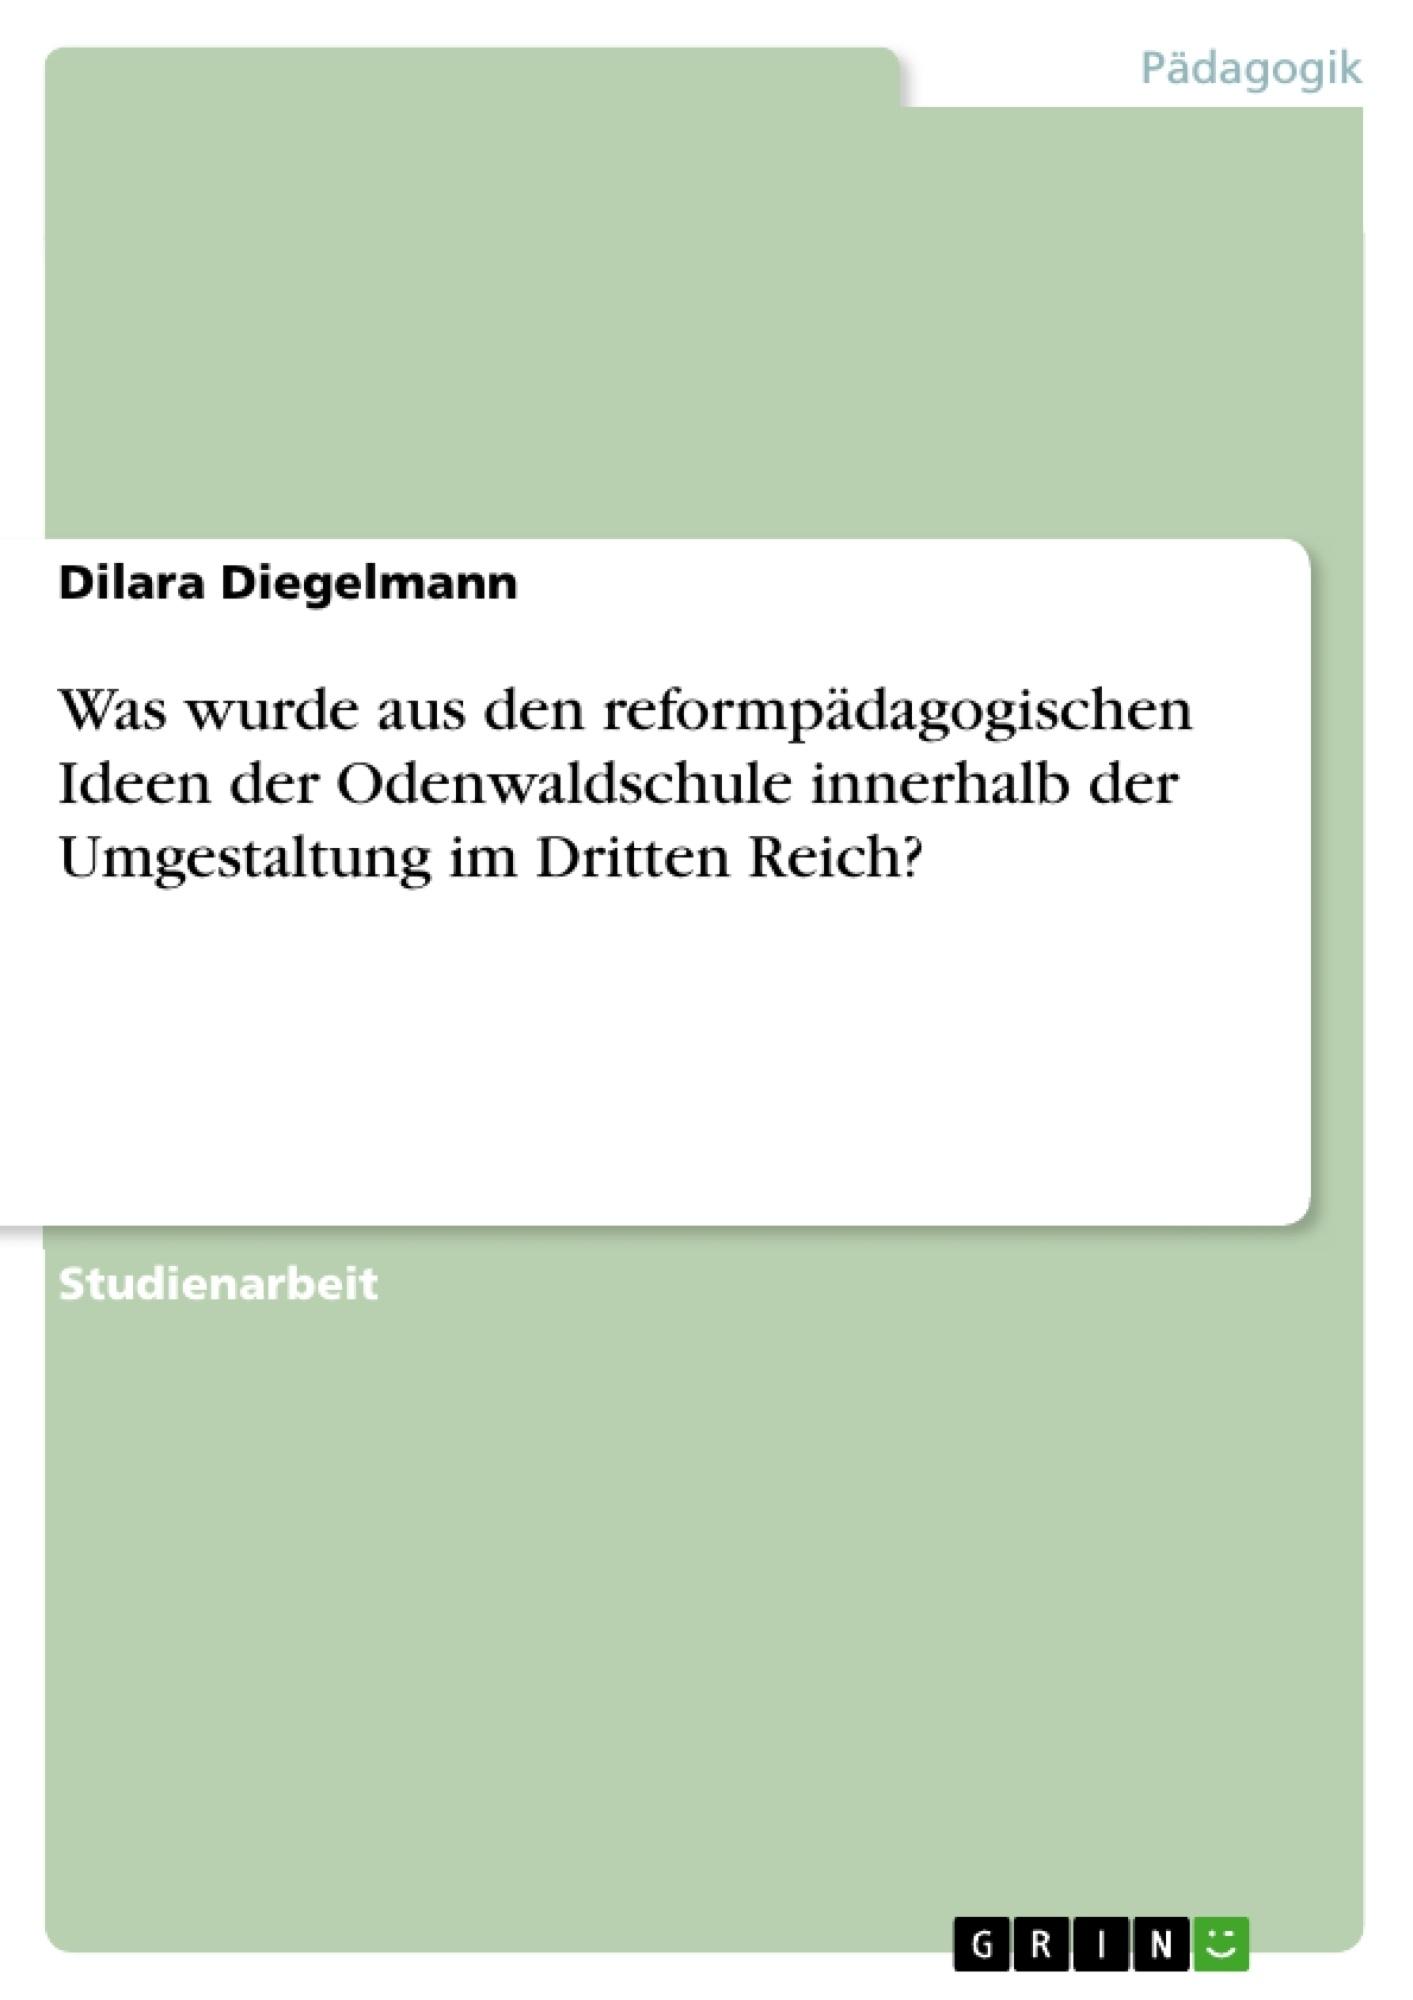 Titel: Was wurde aus den reformpädagogischen Ideen der Odenwaldschule innerhalb der Umgestaltung im Dritten Reich?